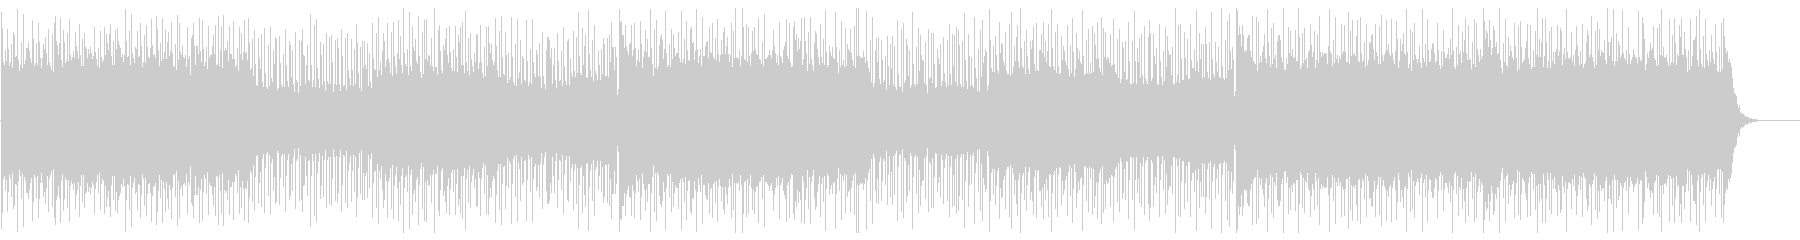 サイバー/ヒップホップ/ファミコン/低音の未再生の波形